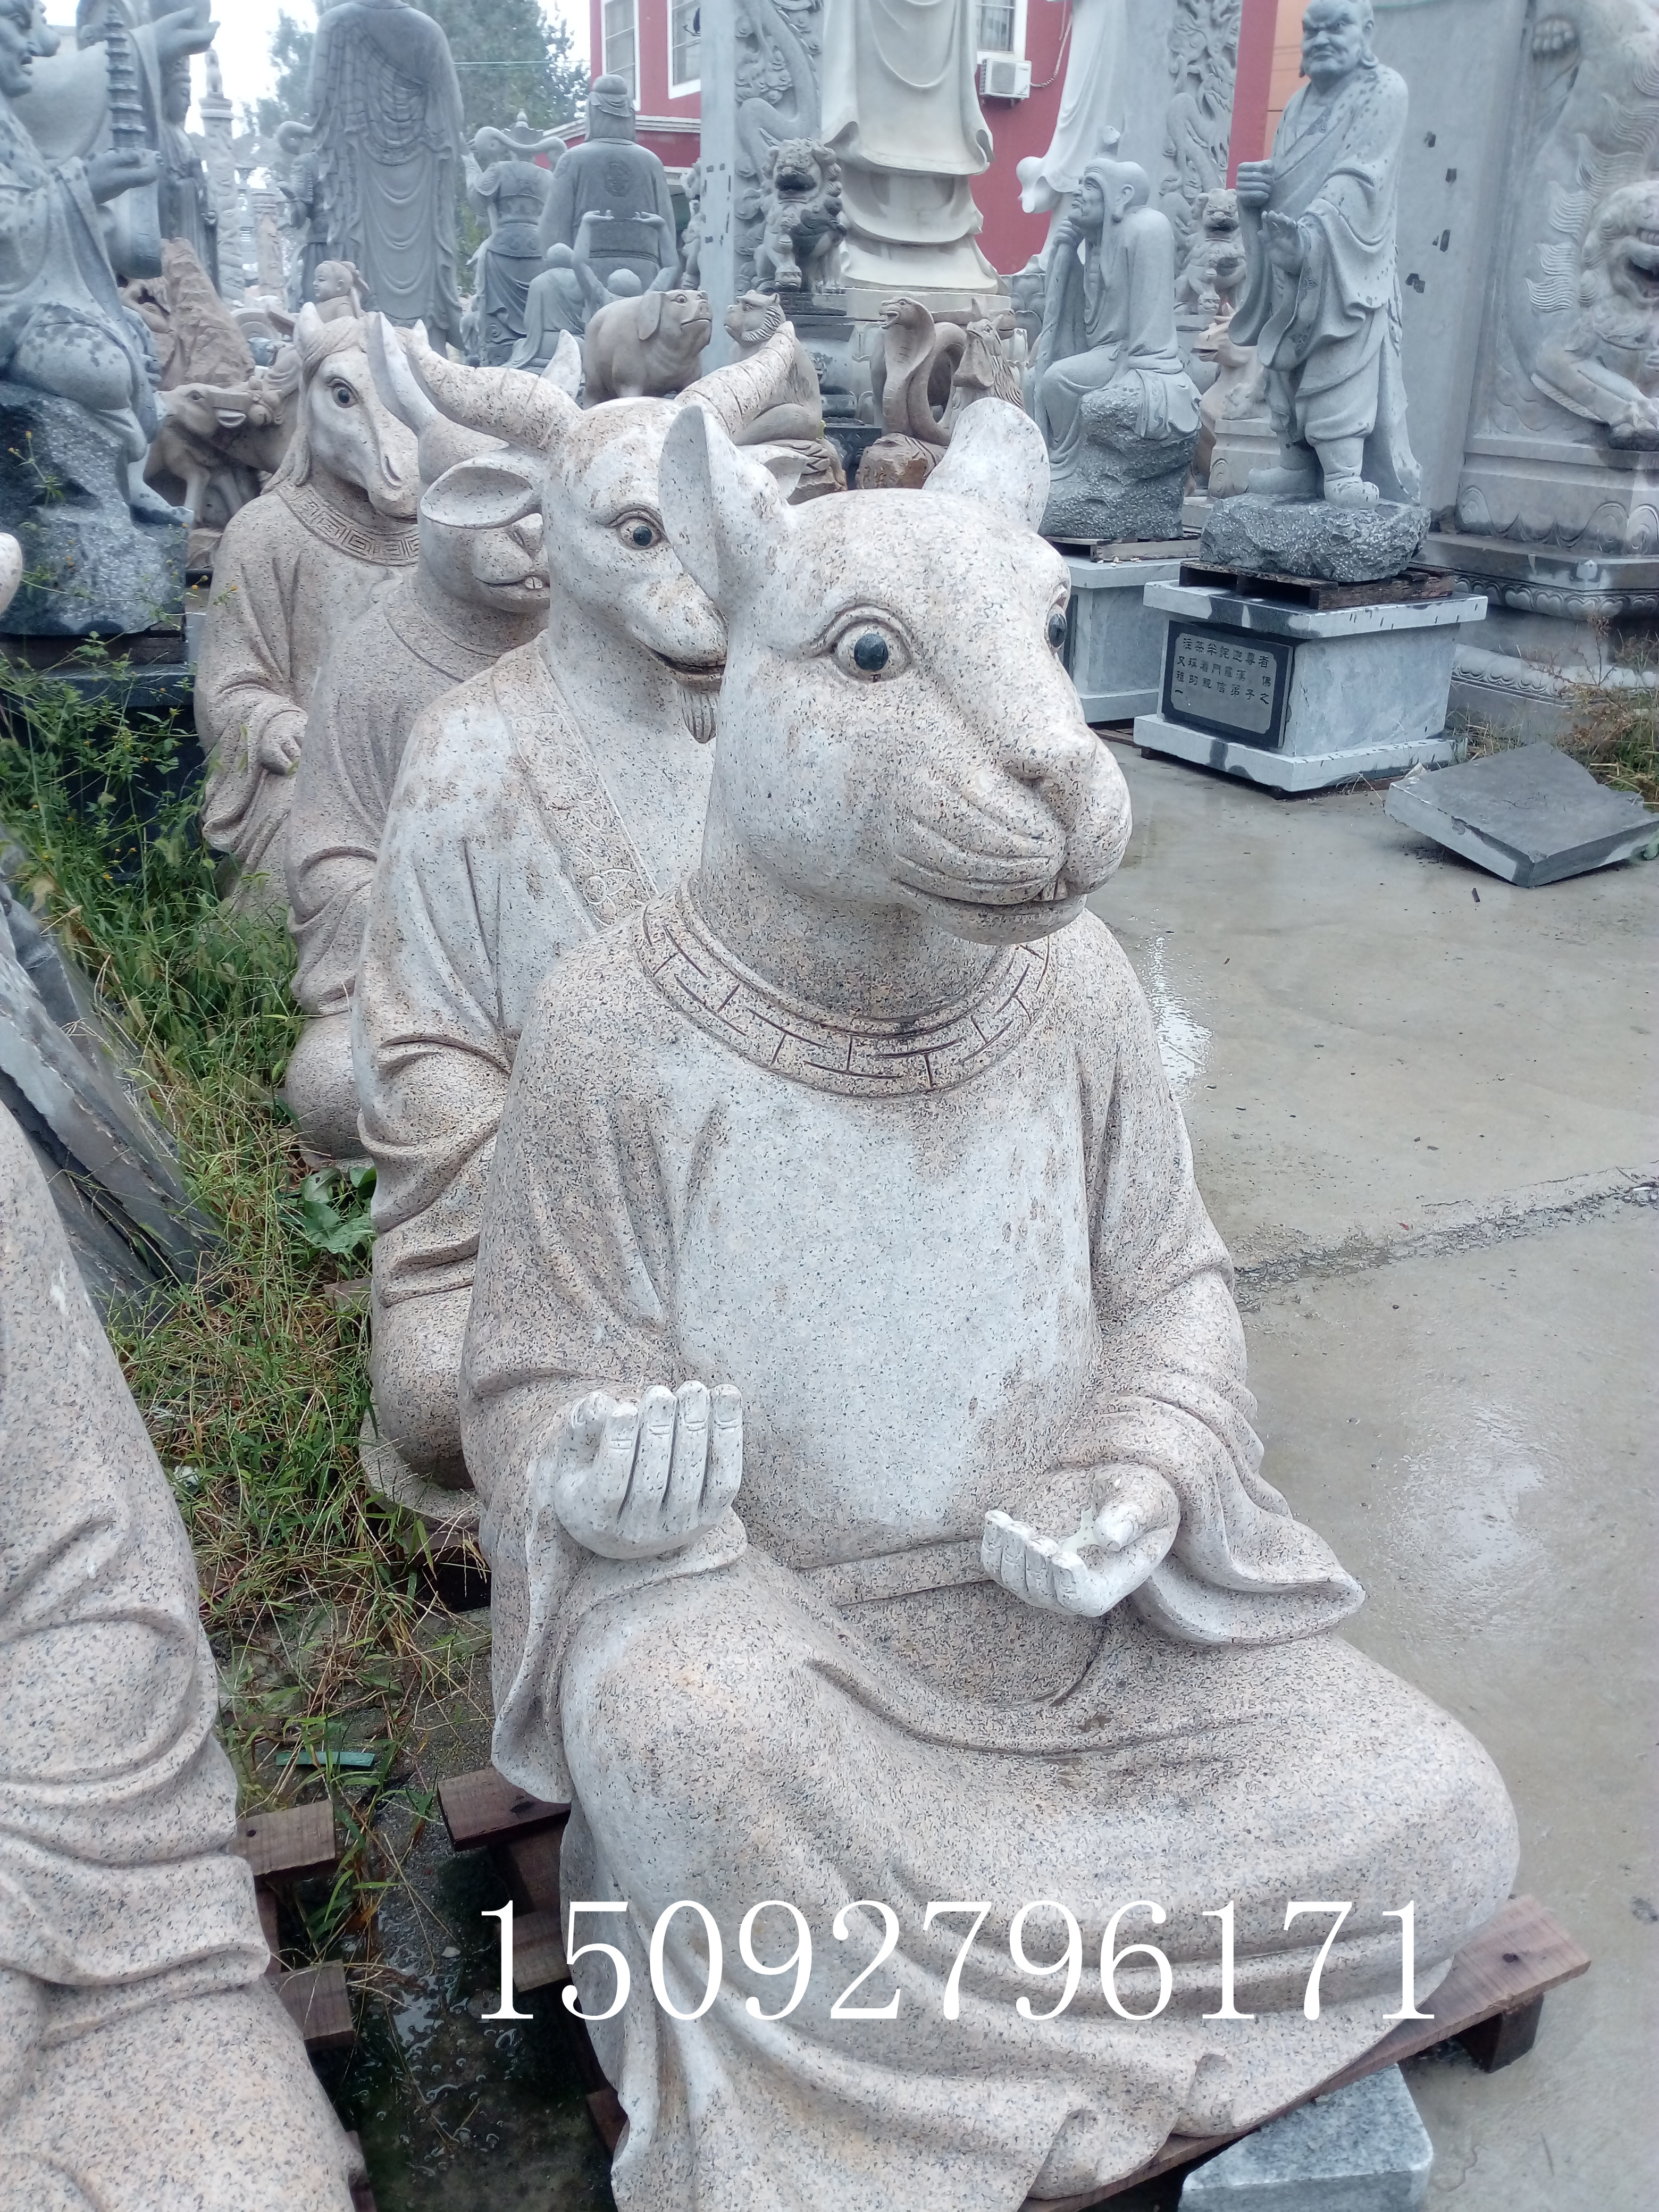 顺利石雕十二生肖石雕图片/顺利石雕十二生肖石雕样板图 (3)